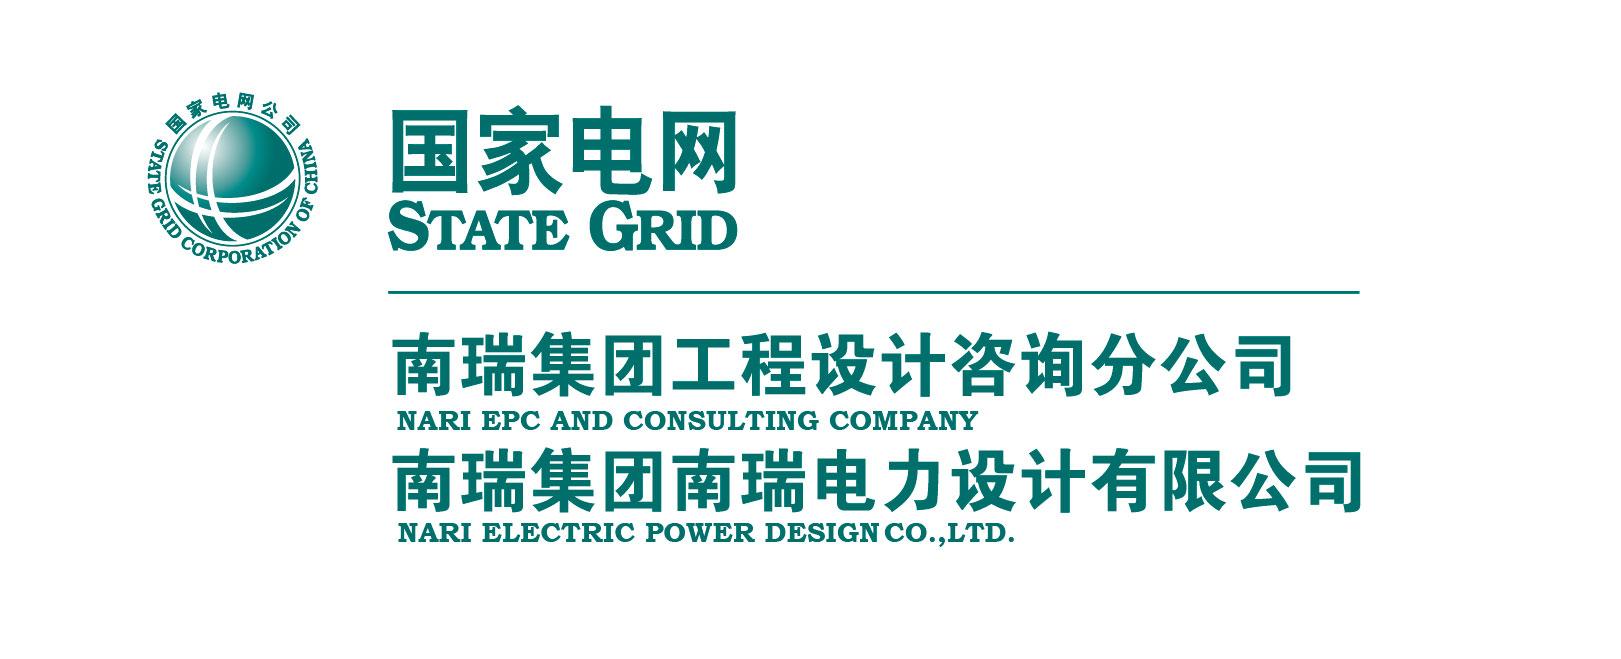 南瑞電力設計有限公司